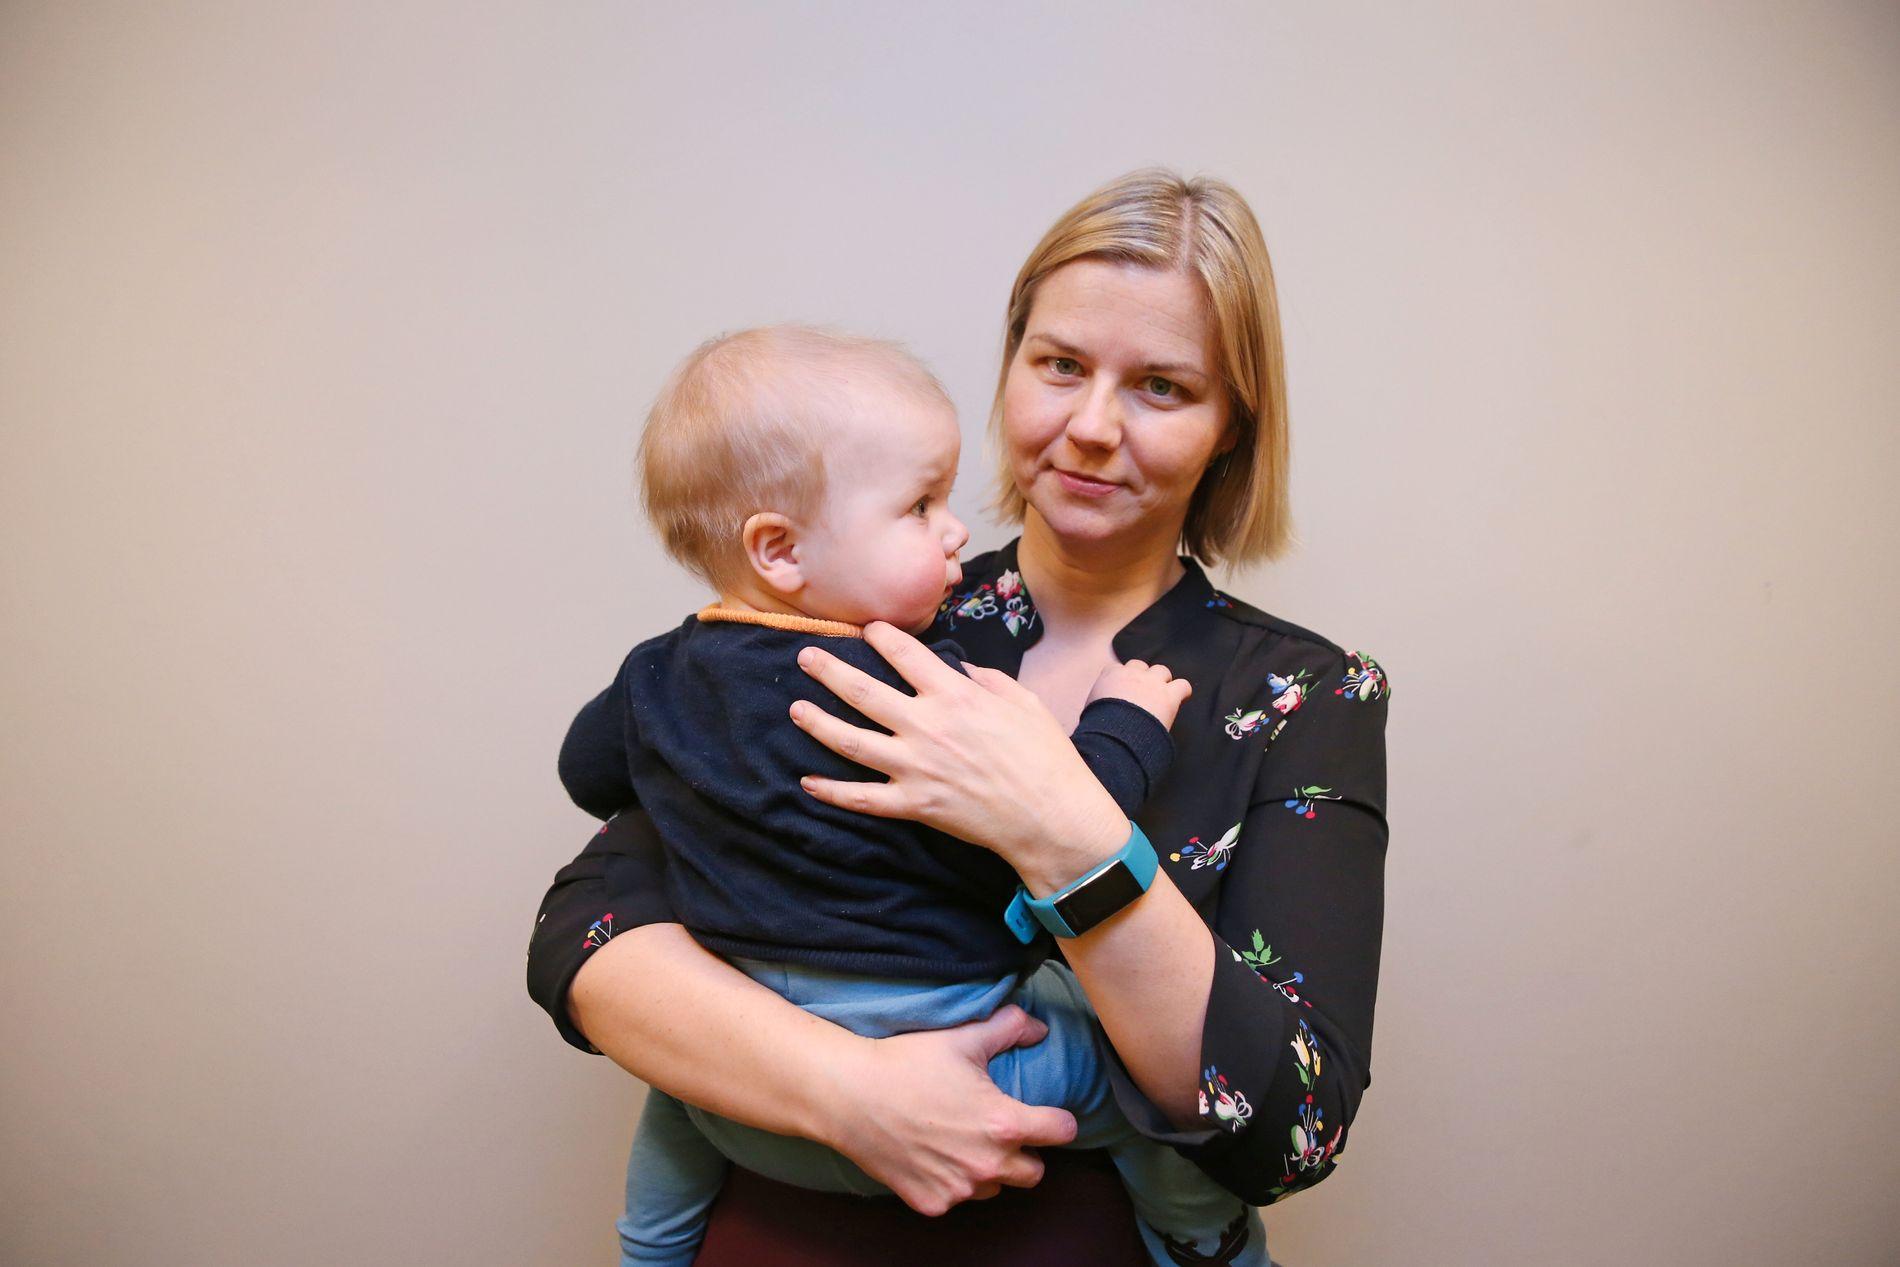 KAN FÅ GLEDE AV FLEKSISTART: Guri Melby i Venstre har vært en av pådriverne for å få på plass en mer fleksibel skolestart. Her med eget barn fotografert i desember i 2018.